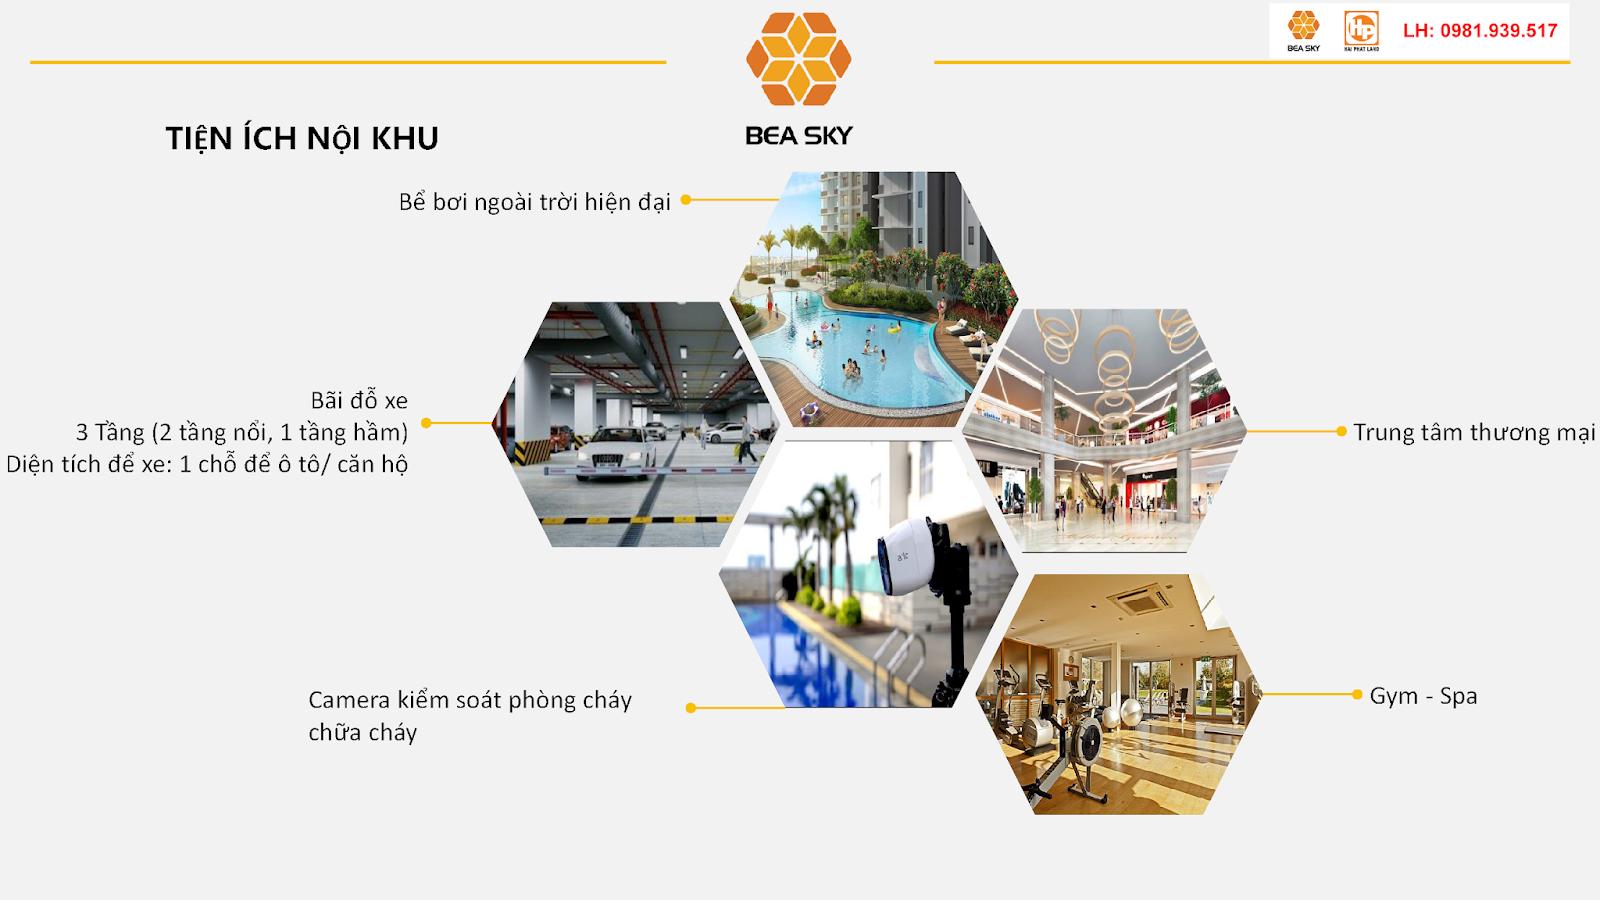 Tiện ích tại chung cư Bea Sky Nguyễn Xiển